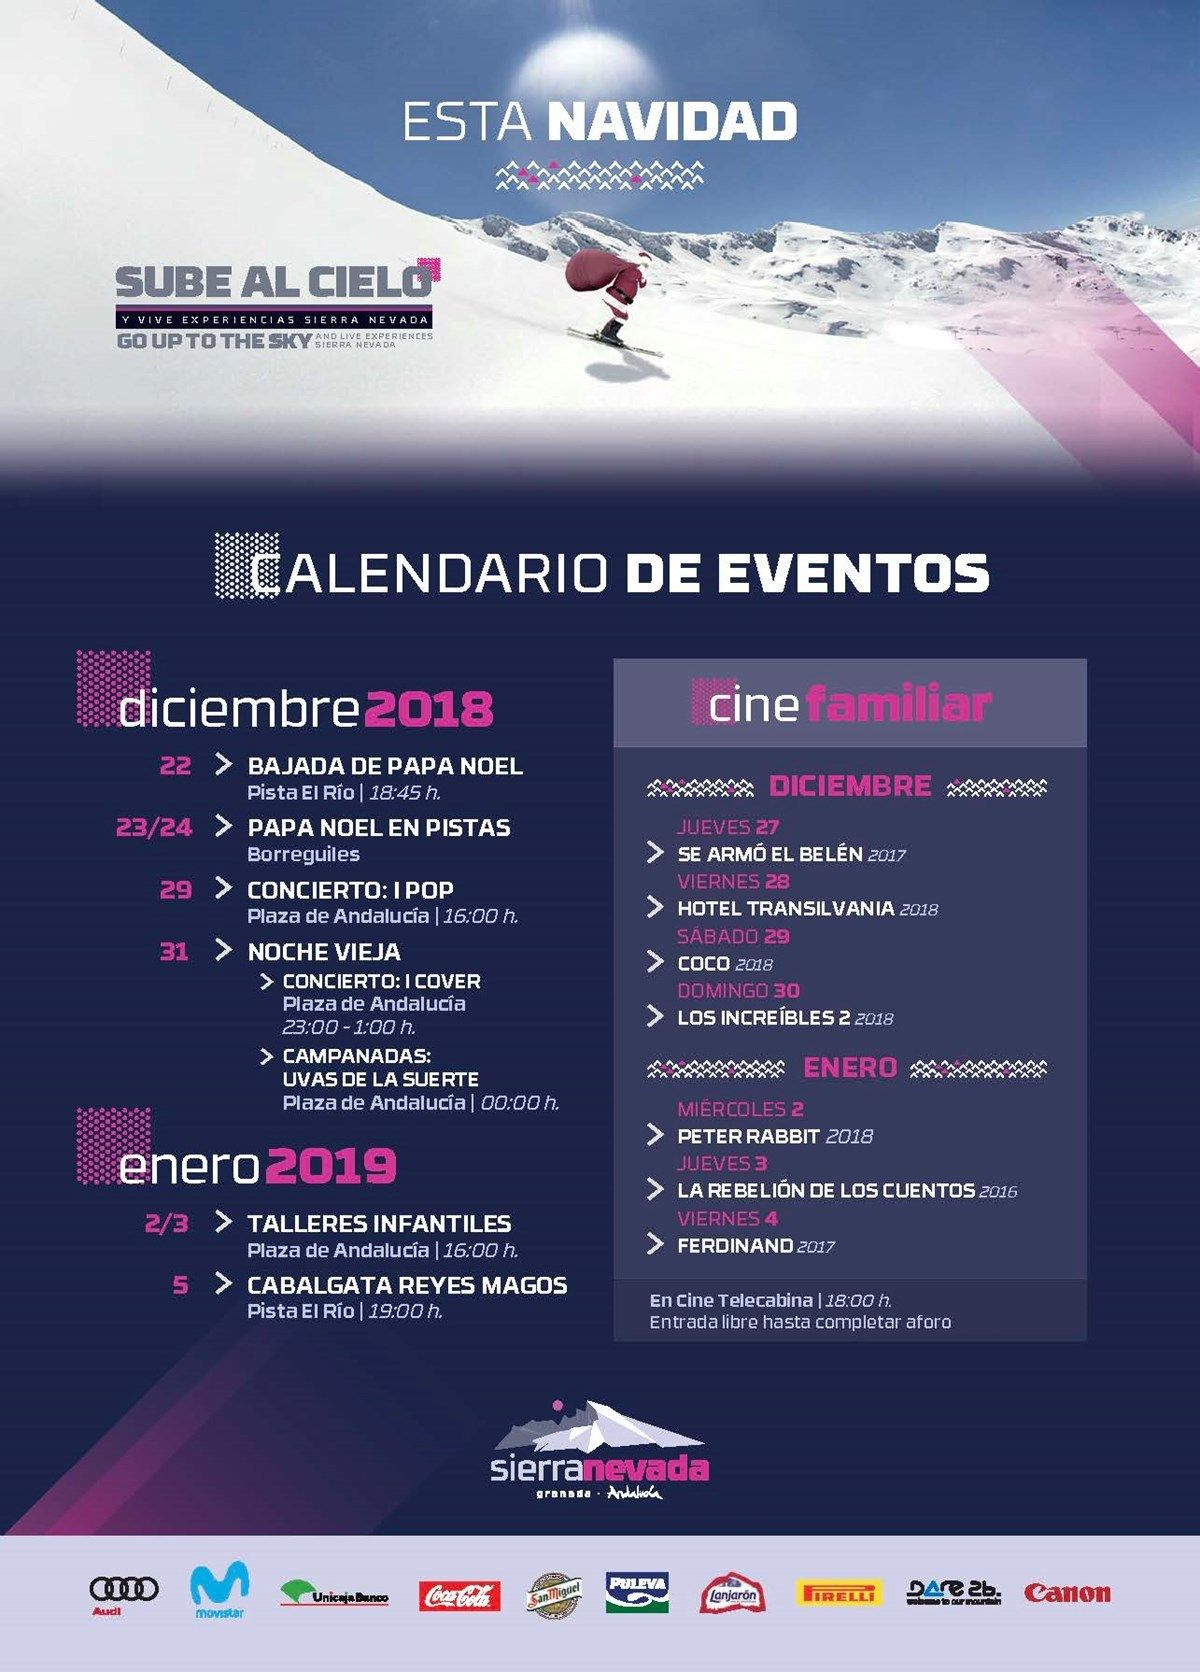 Programa de Navidad de Sierra Nevada